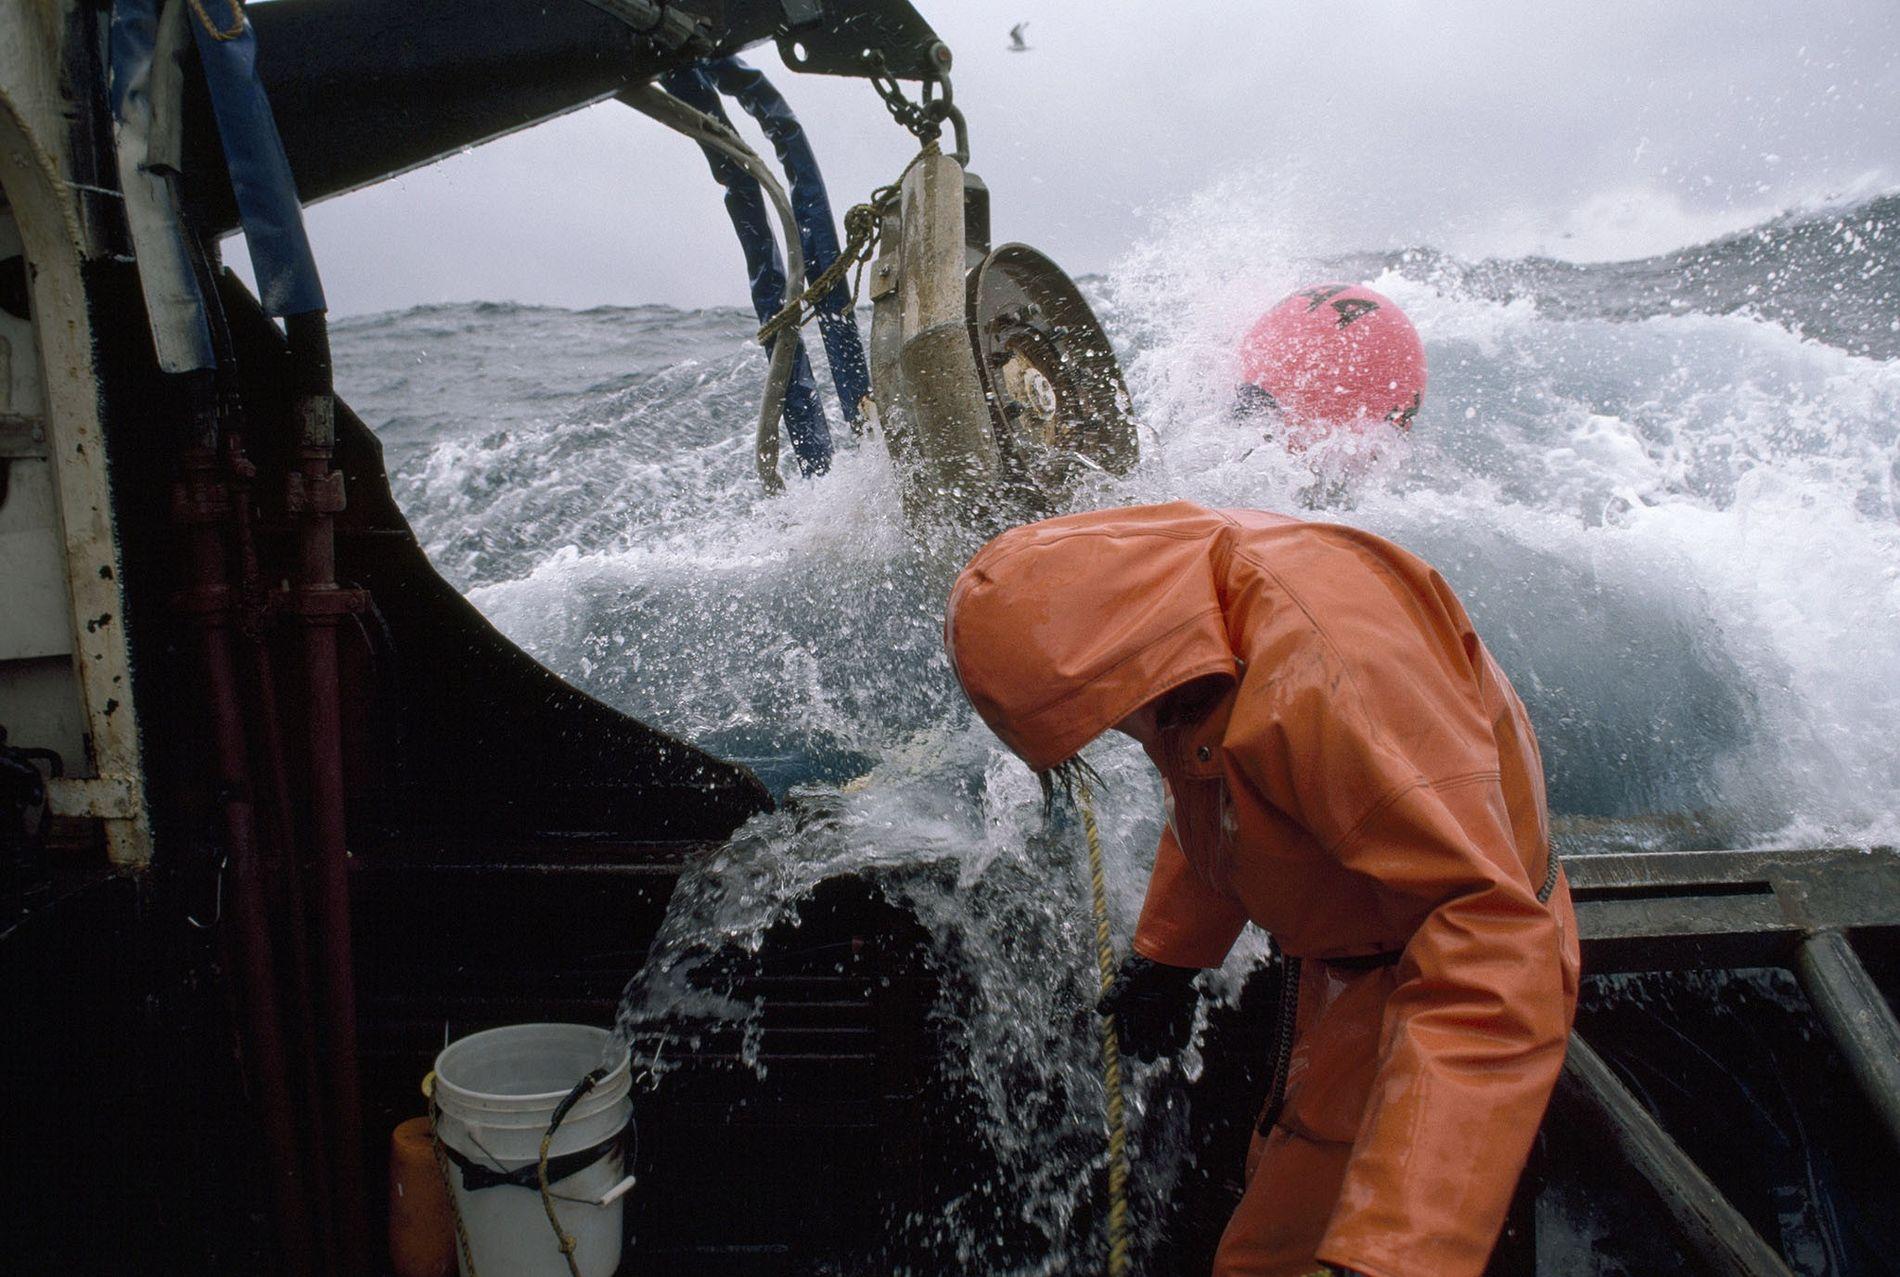 Un pescador comprueba sus sedales